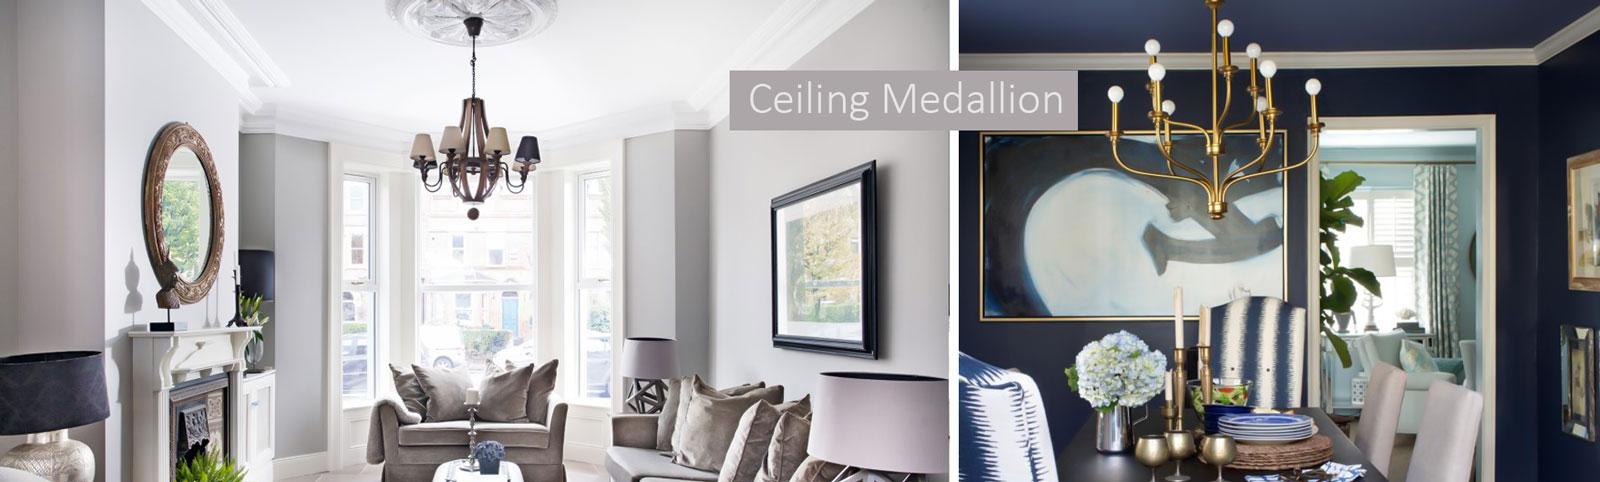 decorasion change9 - ترفندهای کم هزینه برای تغییر دکوراسیون منزل